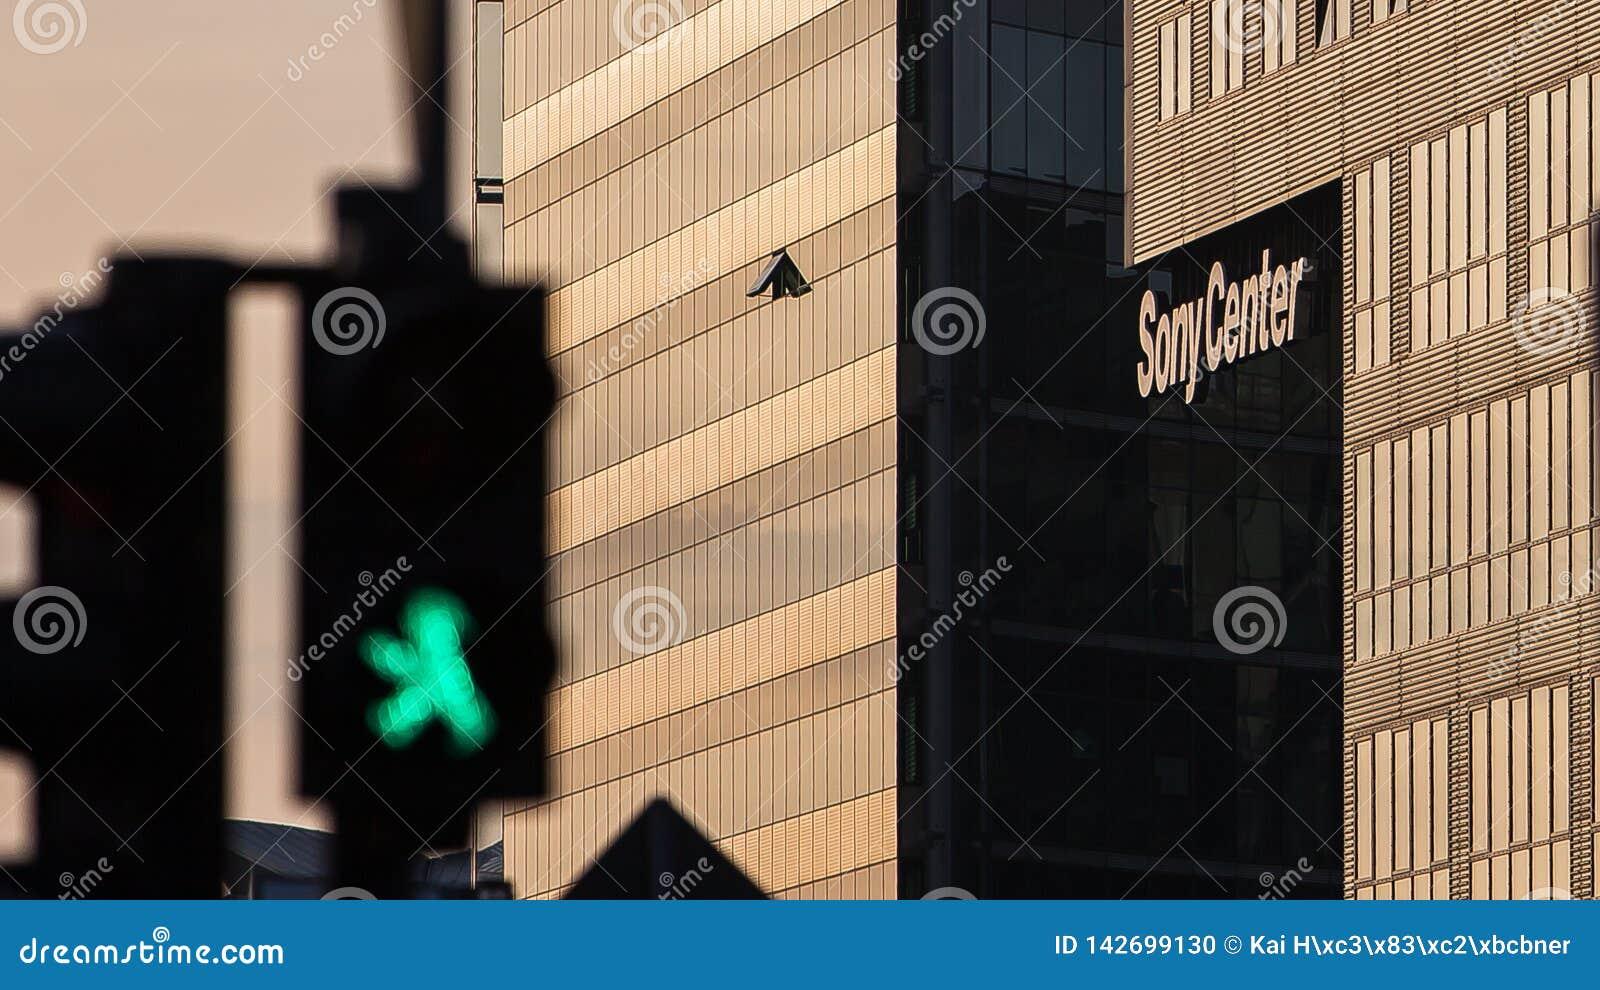 Ljus för Berlin Potsdam Square gräsplangångare med Sony Center